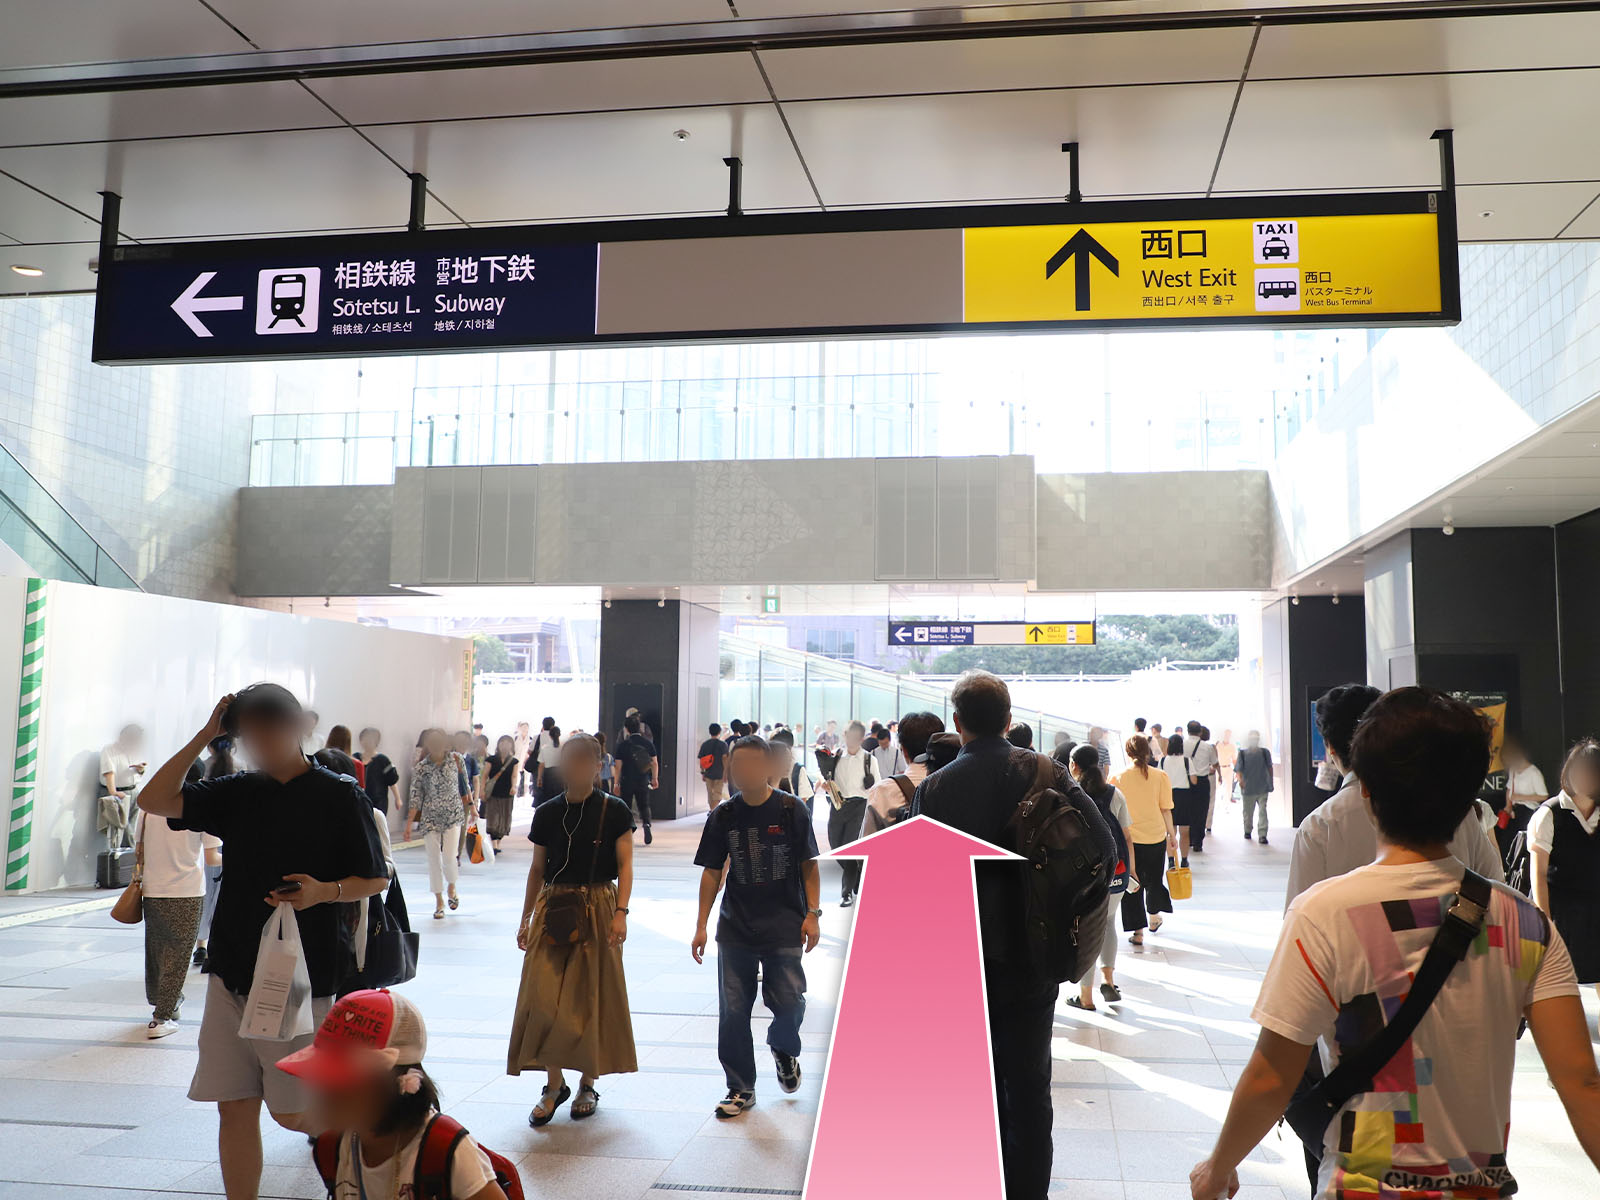 東京中央美容外科横浜院JR線ルート02